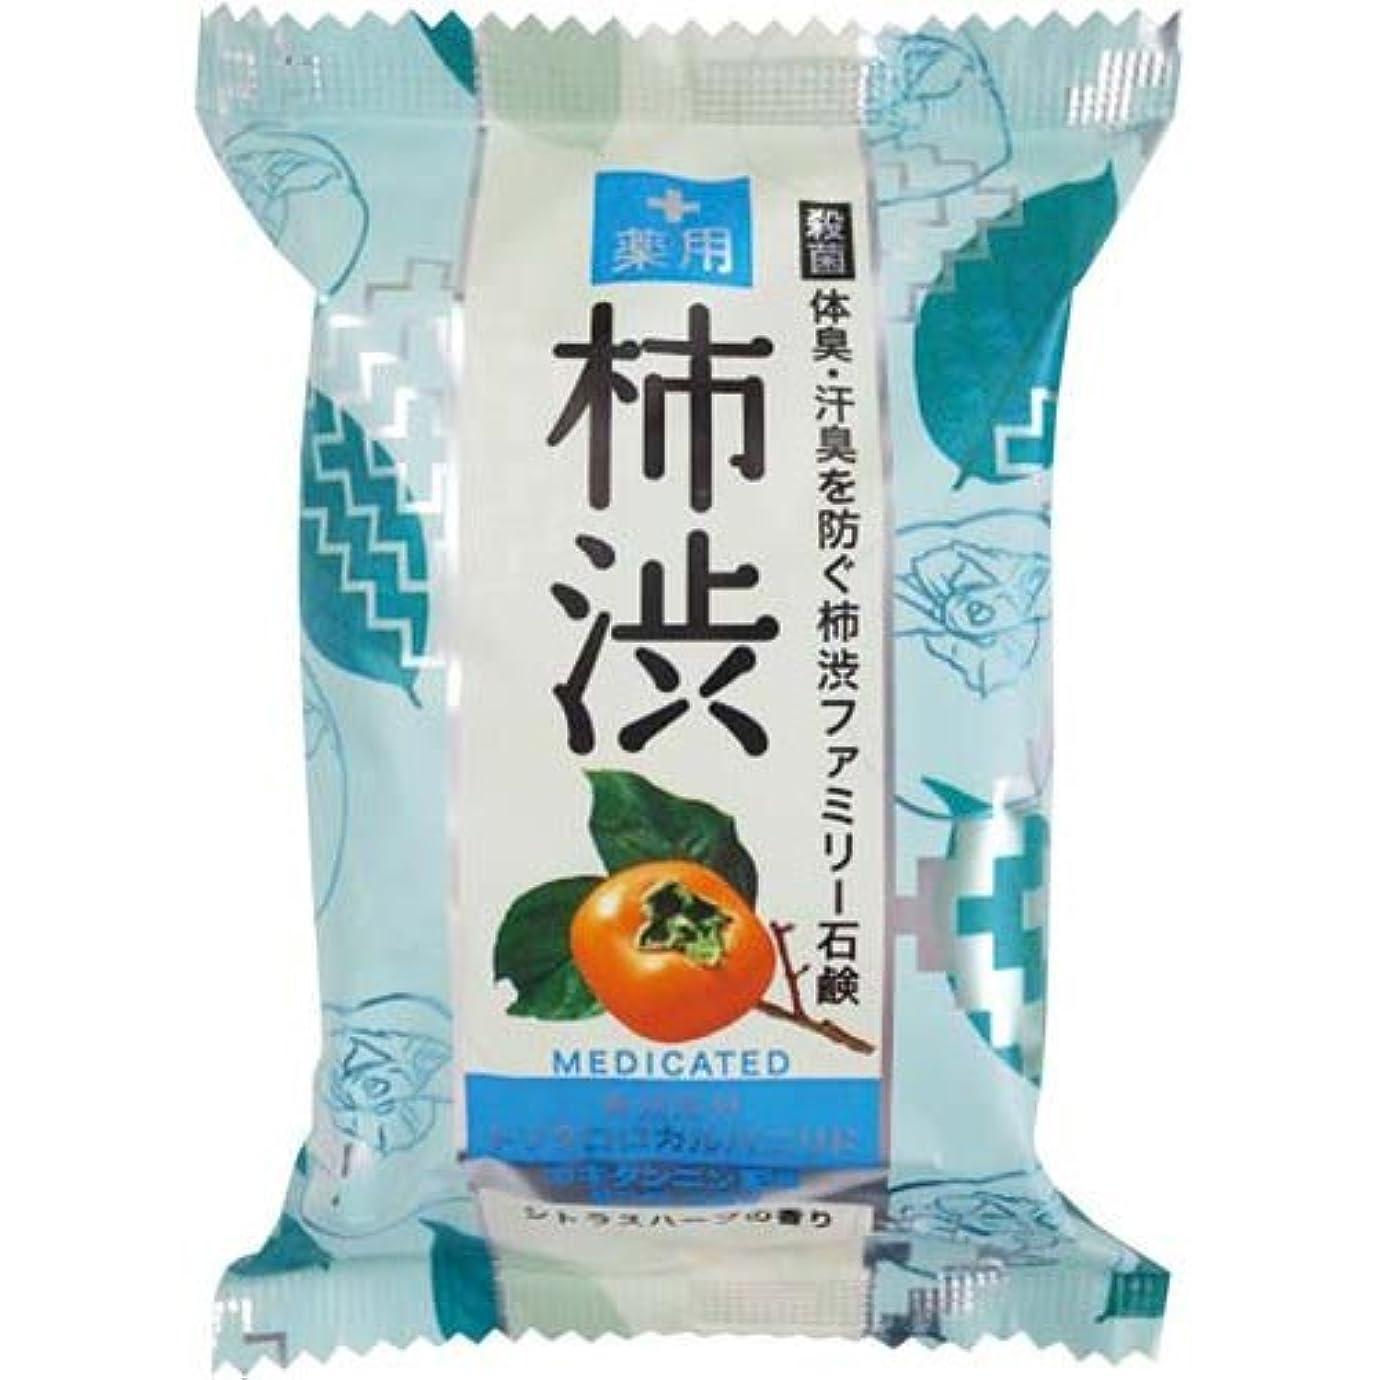 再編成するジャグリング松ペリカン石鹸 薬用ファミリー柿渋石鹸×6個×4箱